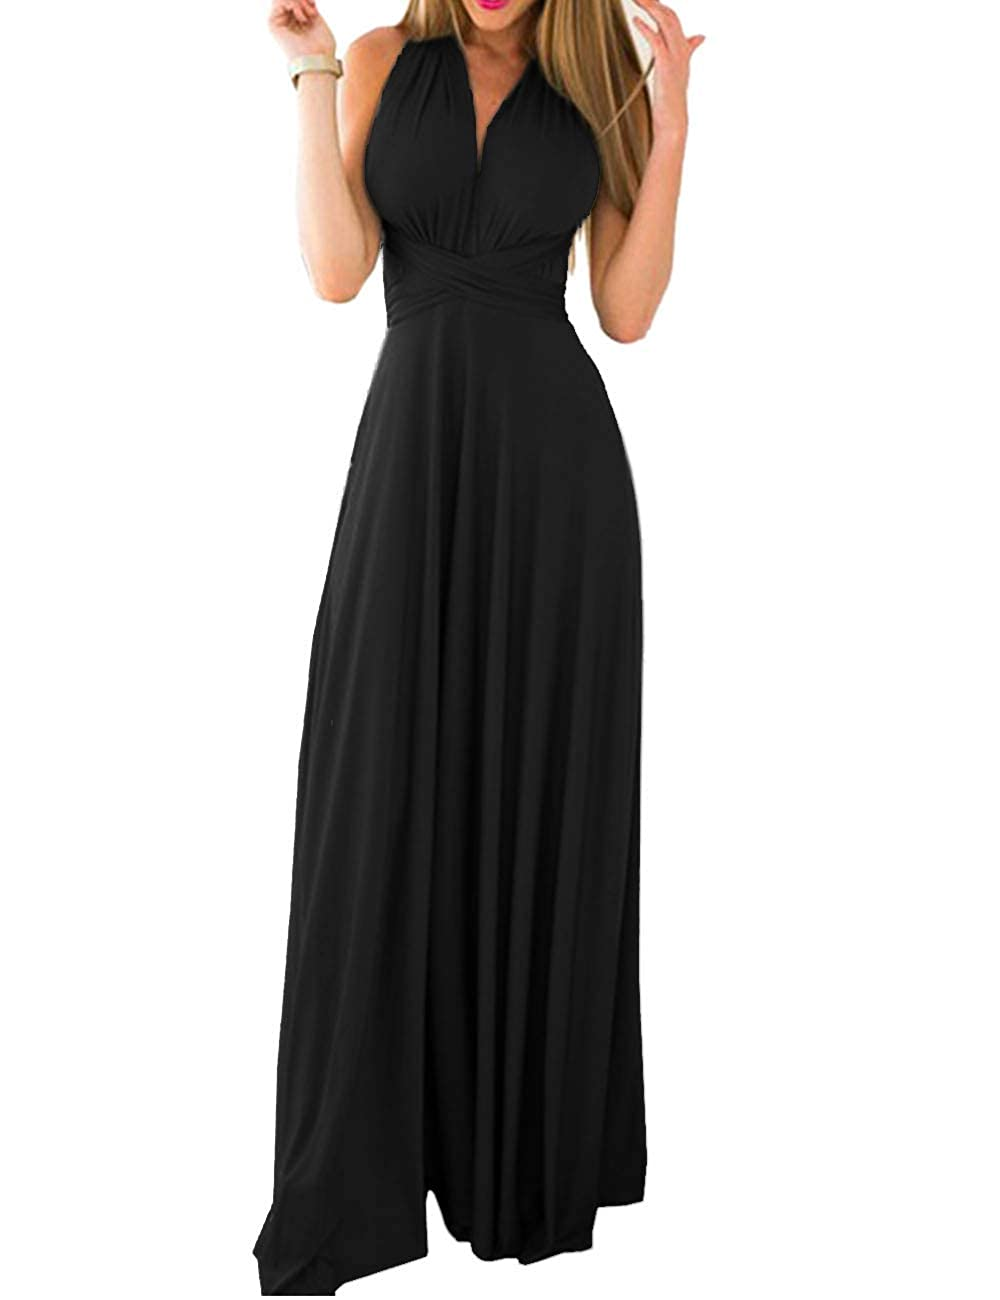 TALLA M. EMMA Mujeres Falda Larga de Cóctel Vestido de Noche Dama de Honor Elegante sin Respaldo Negro